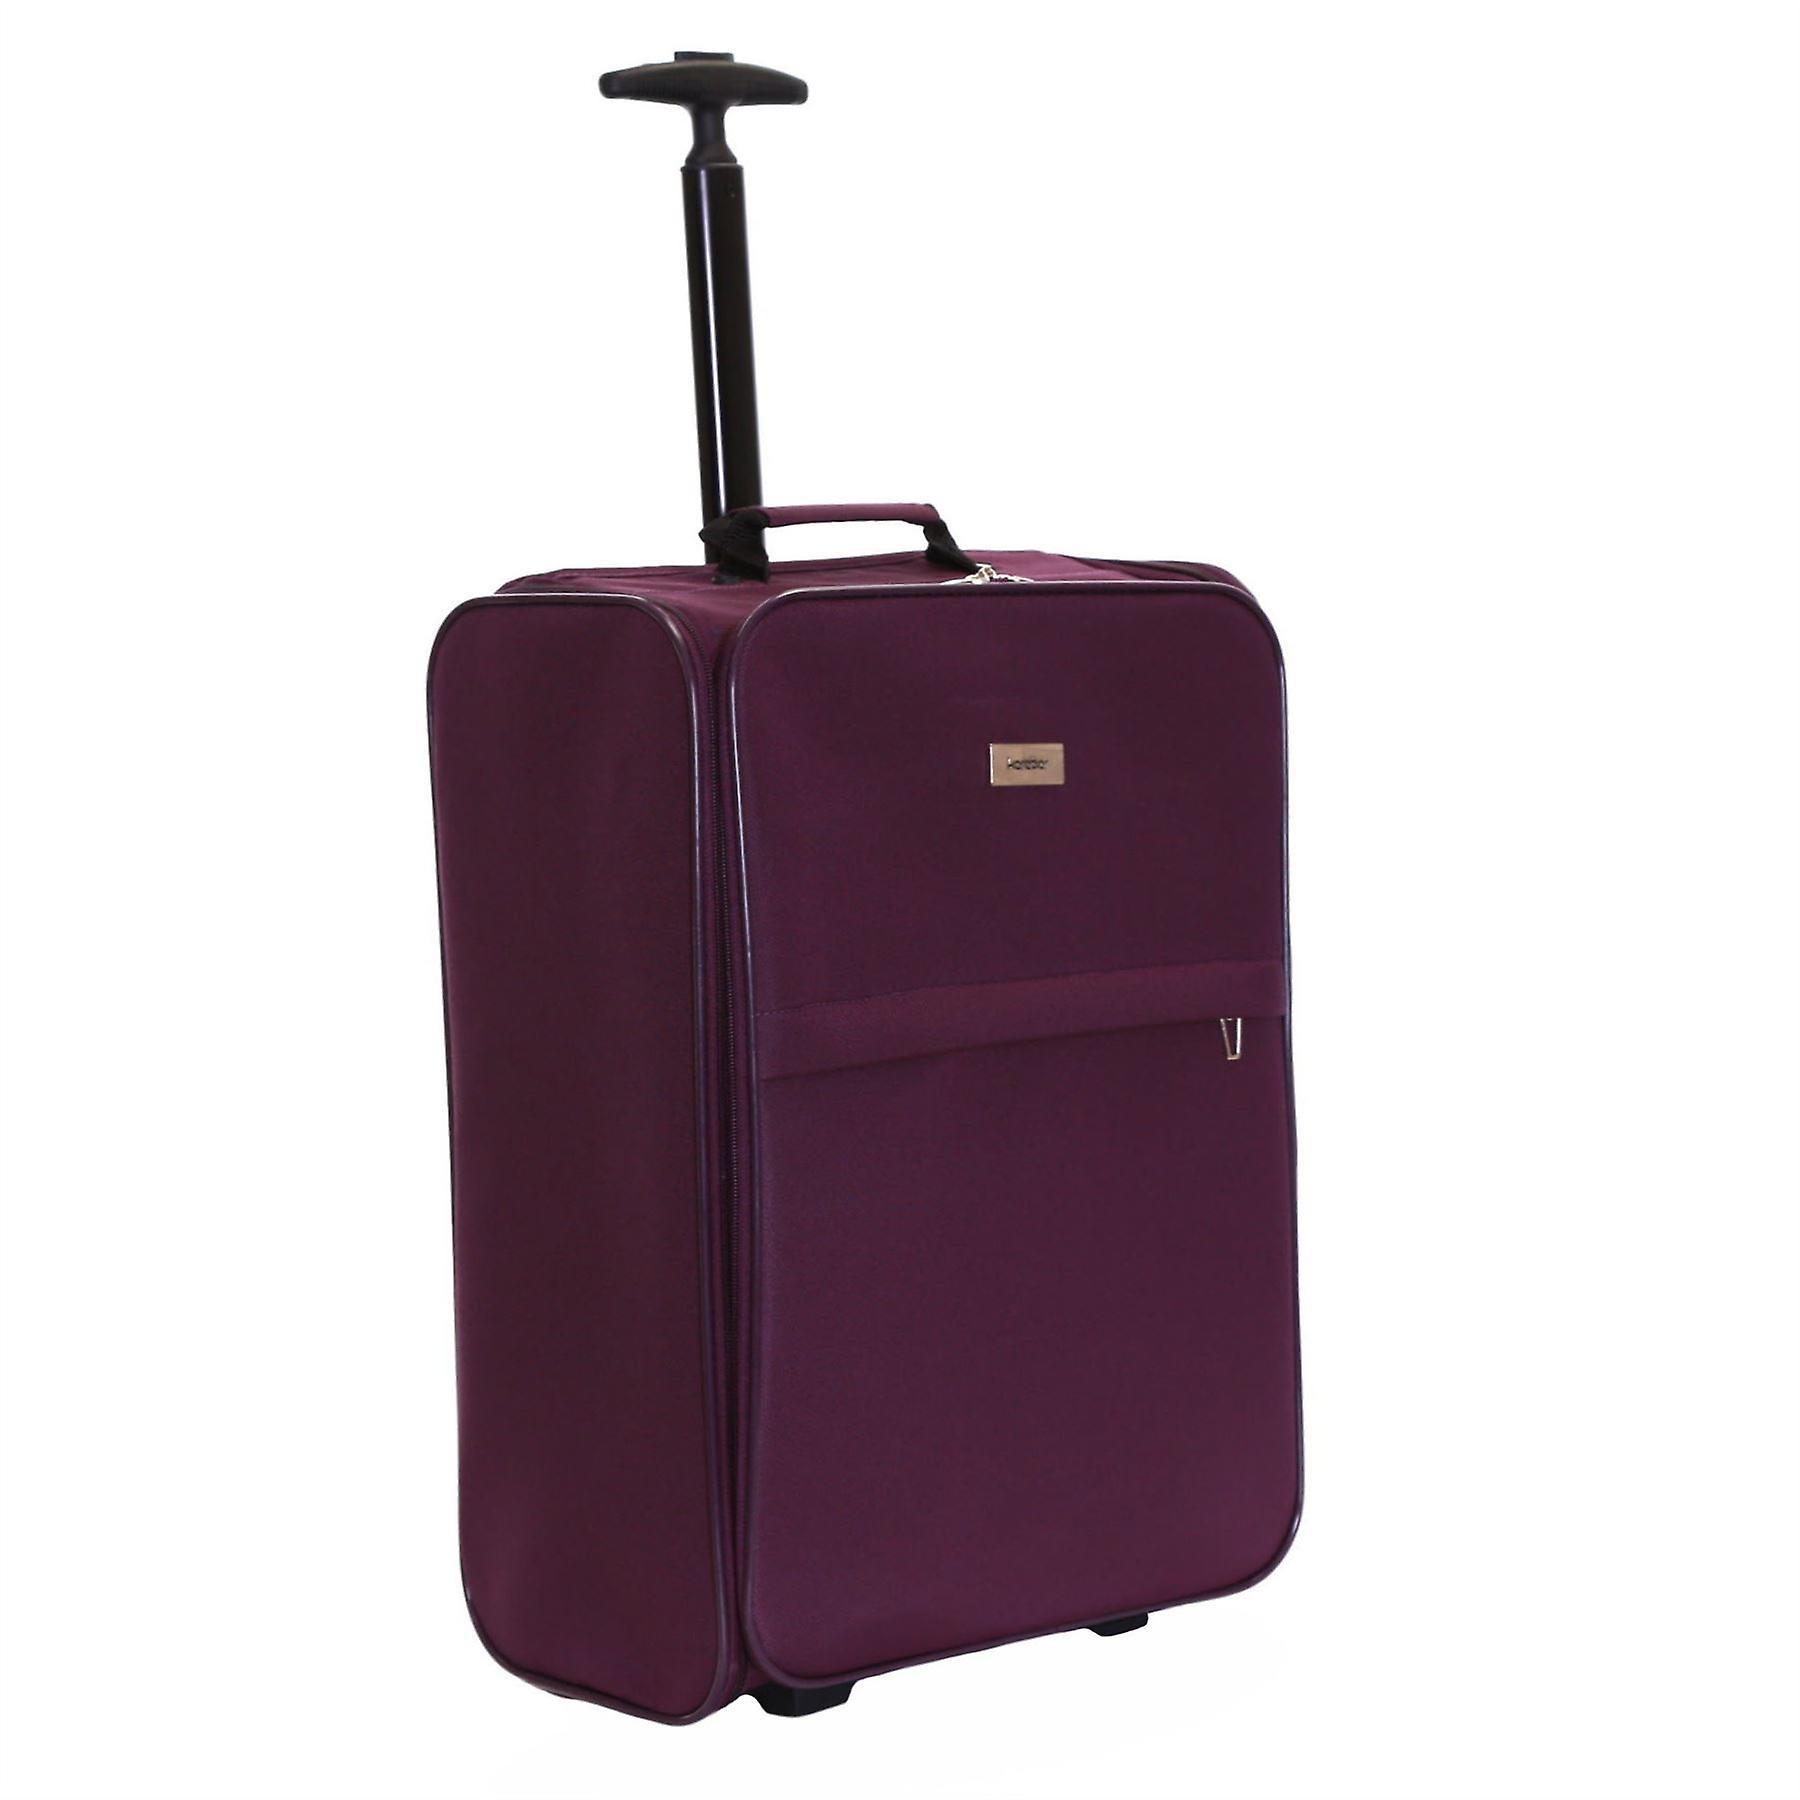 Karabar Trento Foldable Cabin Suitcase, Plum